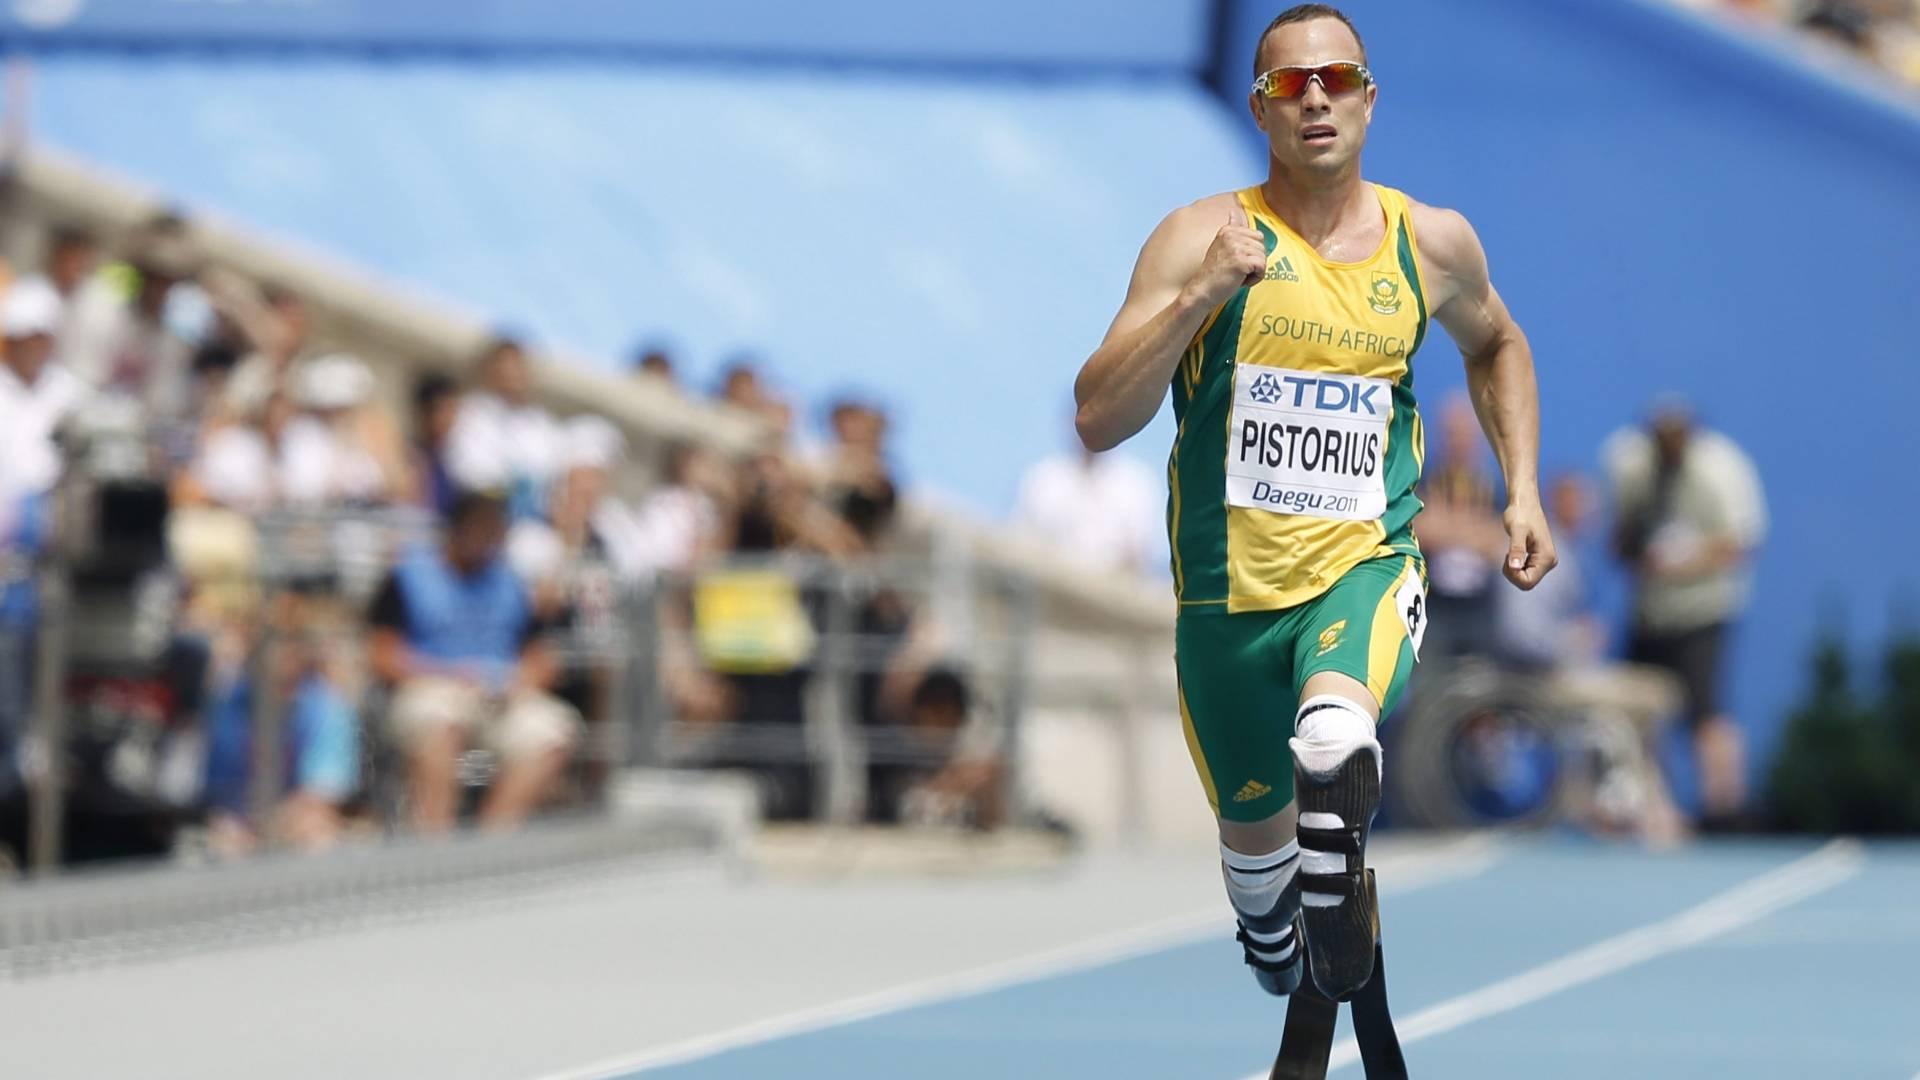 Oscar Pistorius disputa eliminatória dos 400 m pelo Mundial de atletismo em Daegu (28/08/2011)